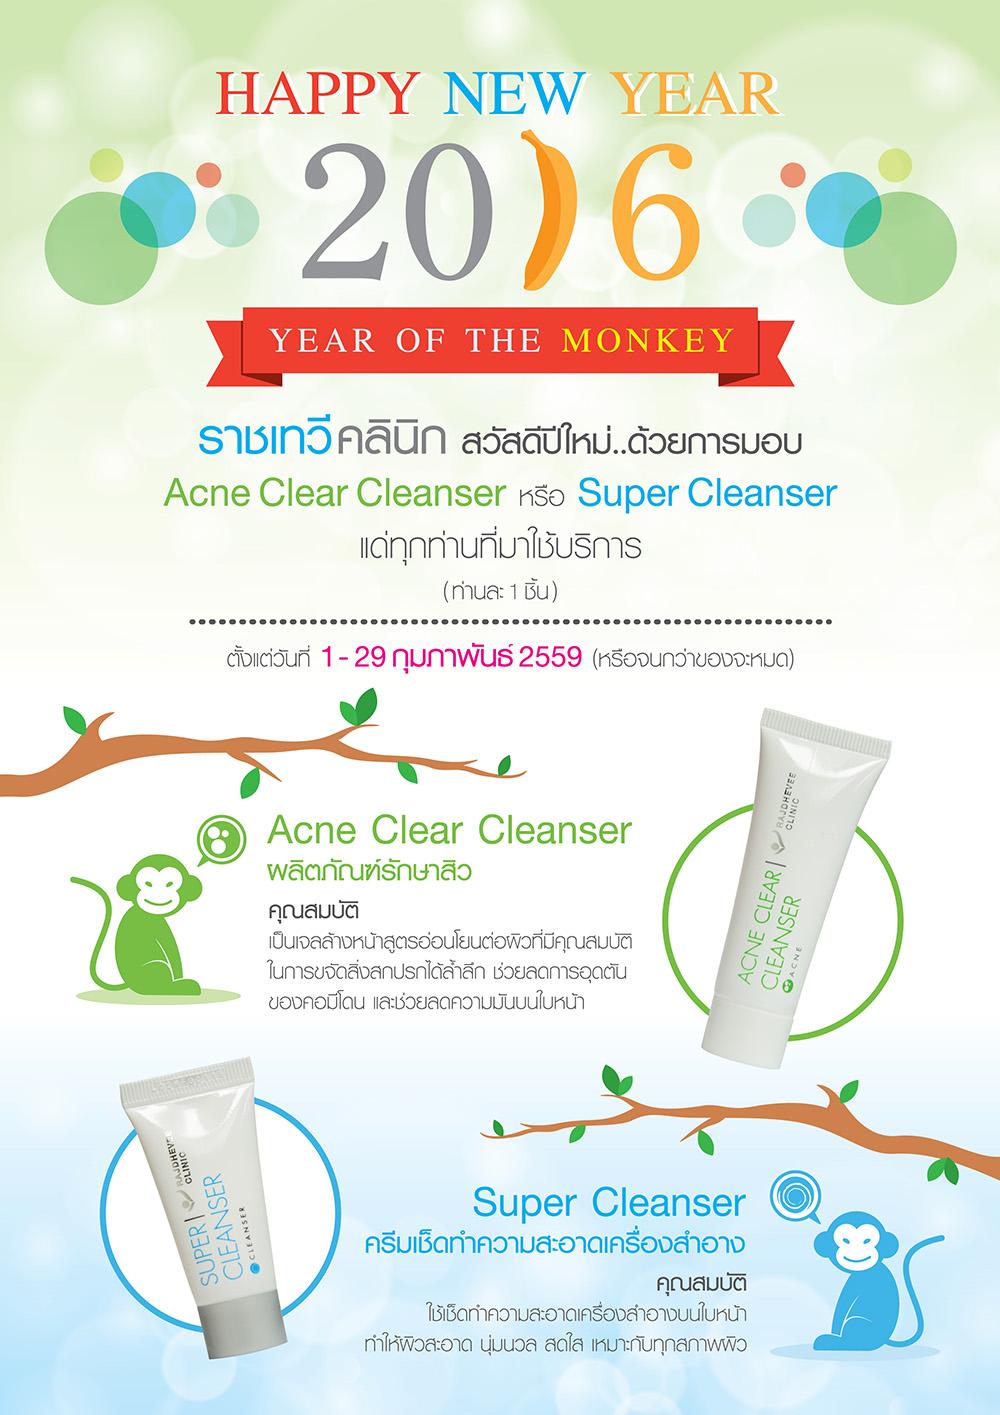 Rajdhevee Clinic New Year Gift 2016